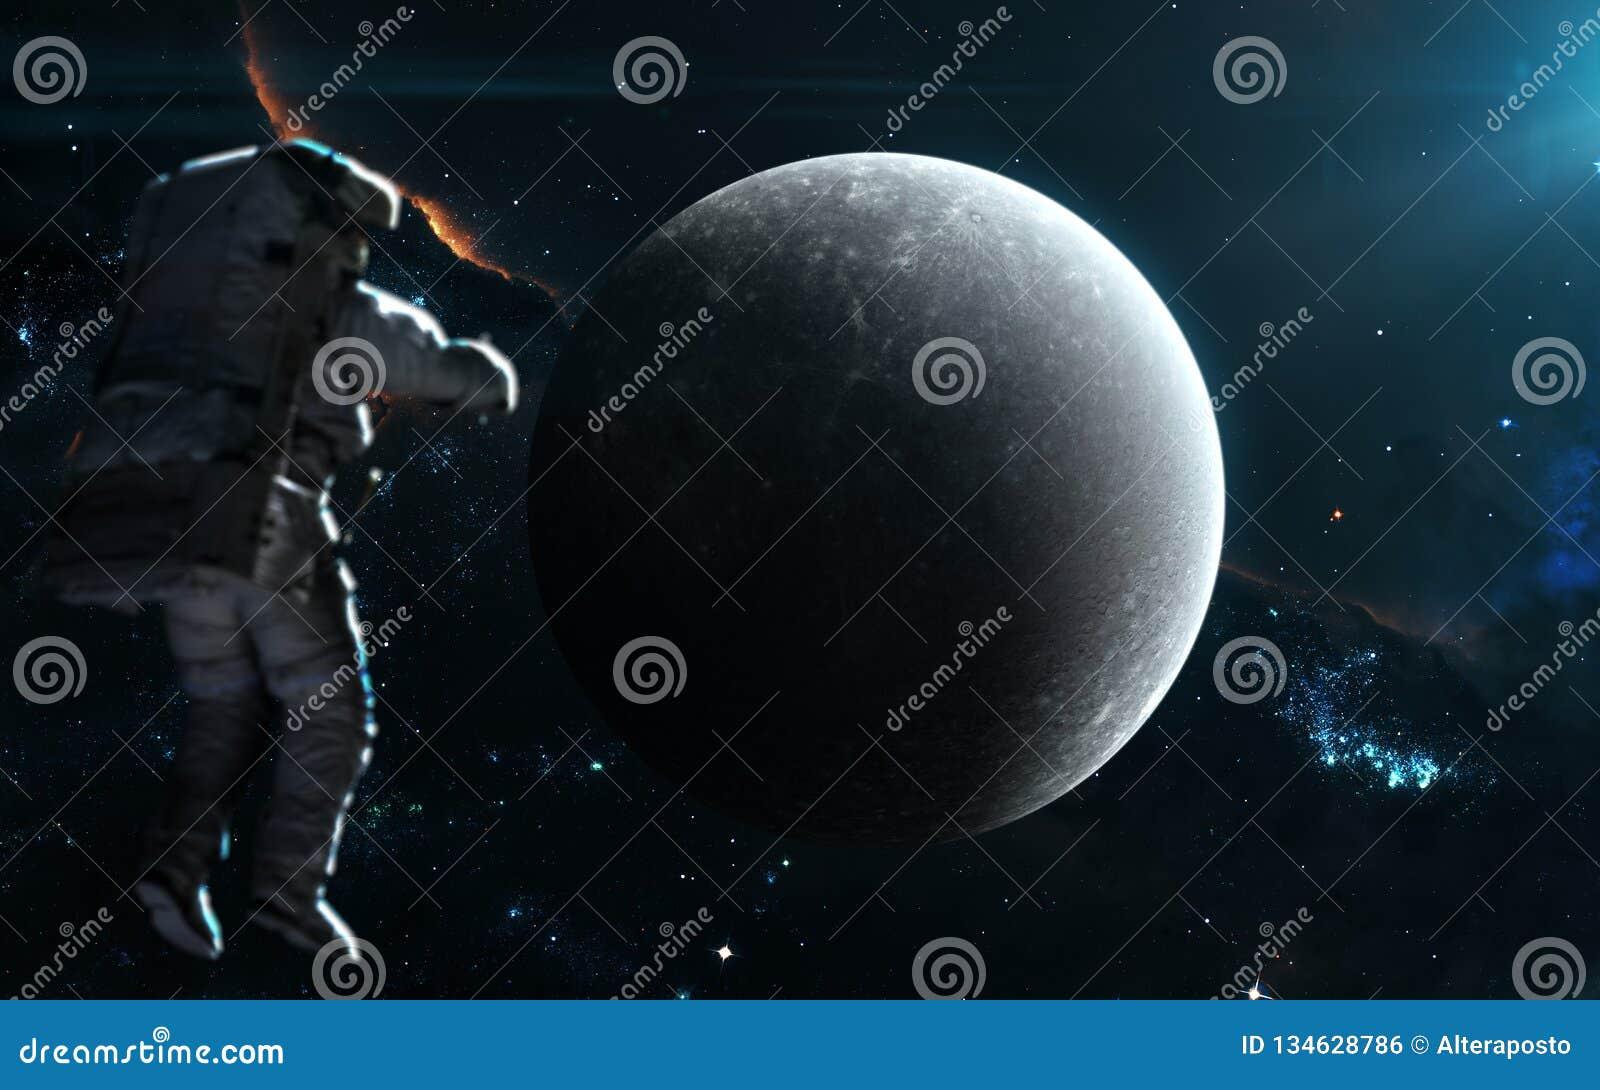 Υδράργυρος πλανητών στο μπλε φως ηλιακό σύστημα Αφροδίτη μονοπατιών υδραργύρου γήινης εστίασης ψαλιδίσματος Τέχνη επιστημονικής φ